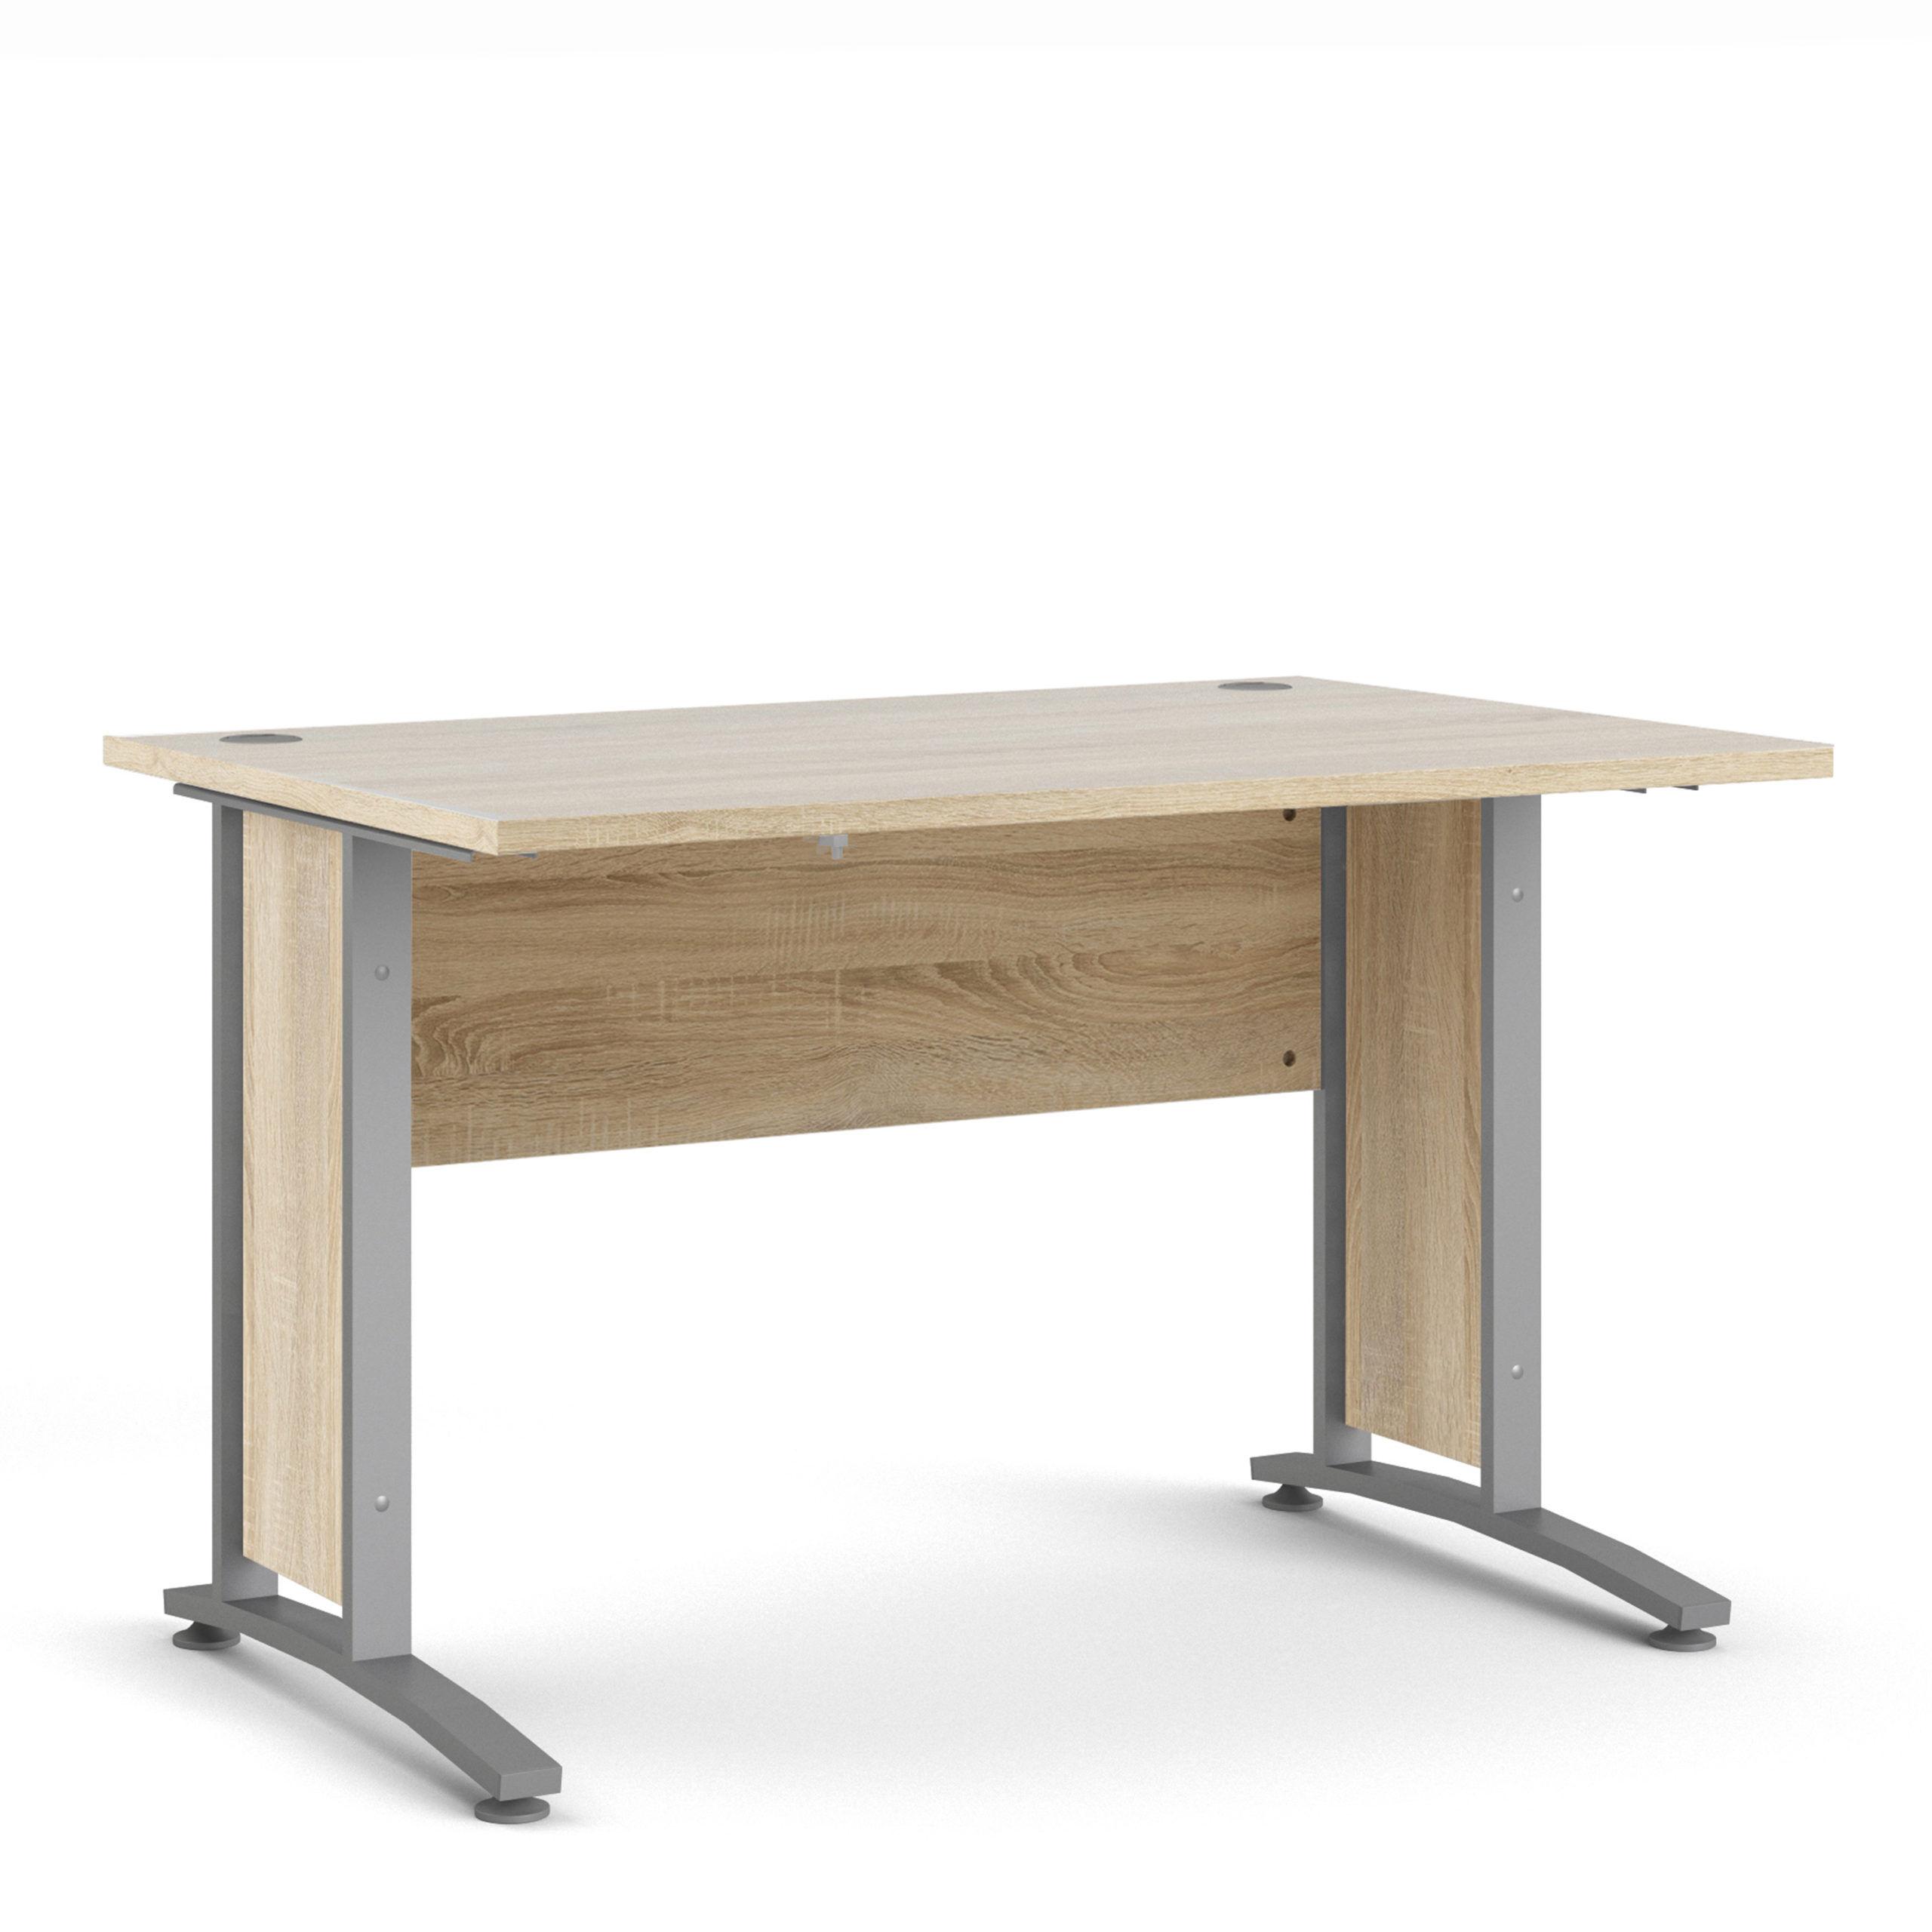 Kansas Desk 120 cm in Oak with Silver Grey Steel Legs   Self Assembly